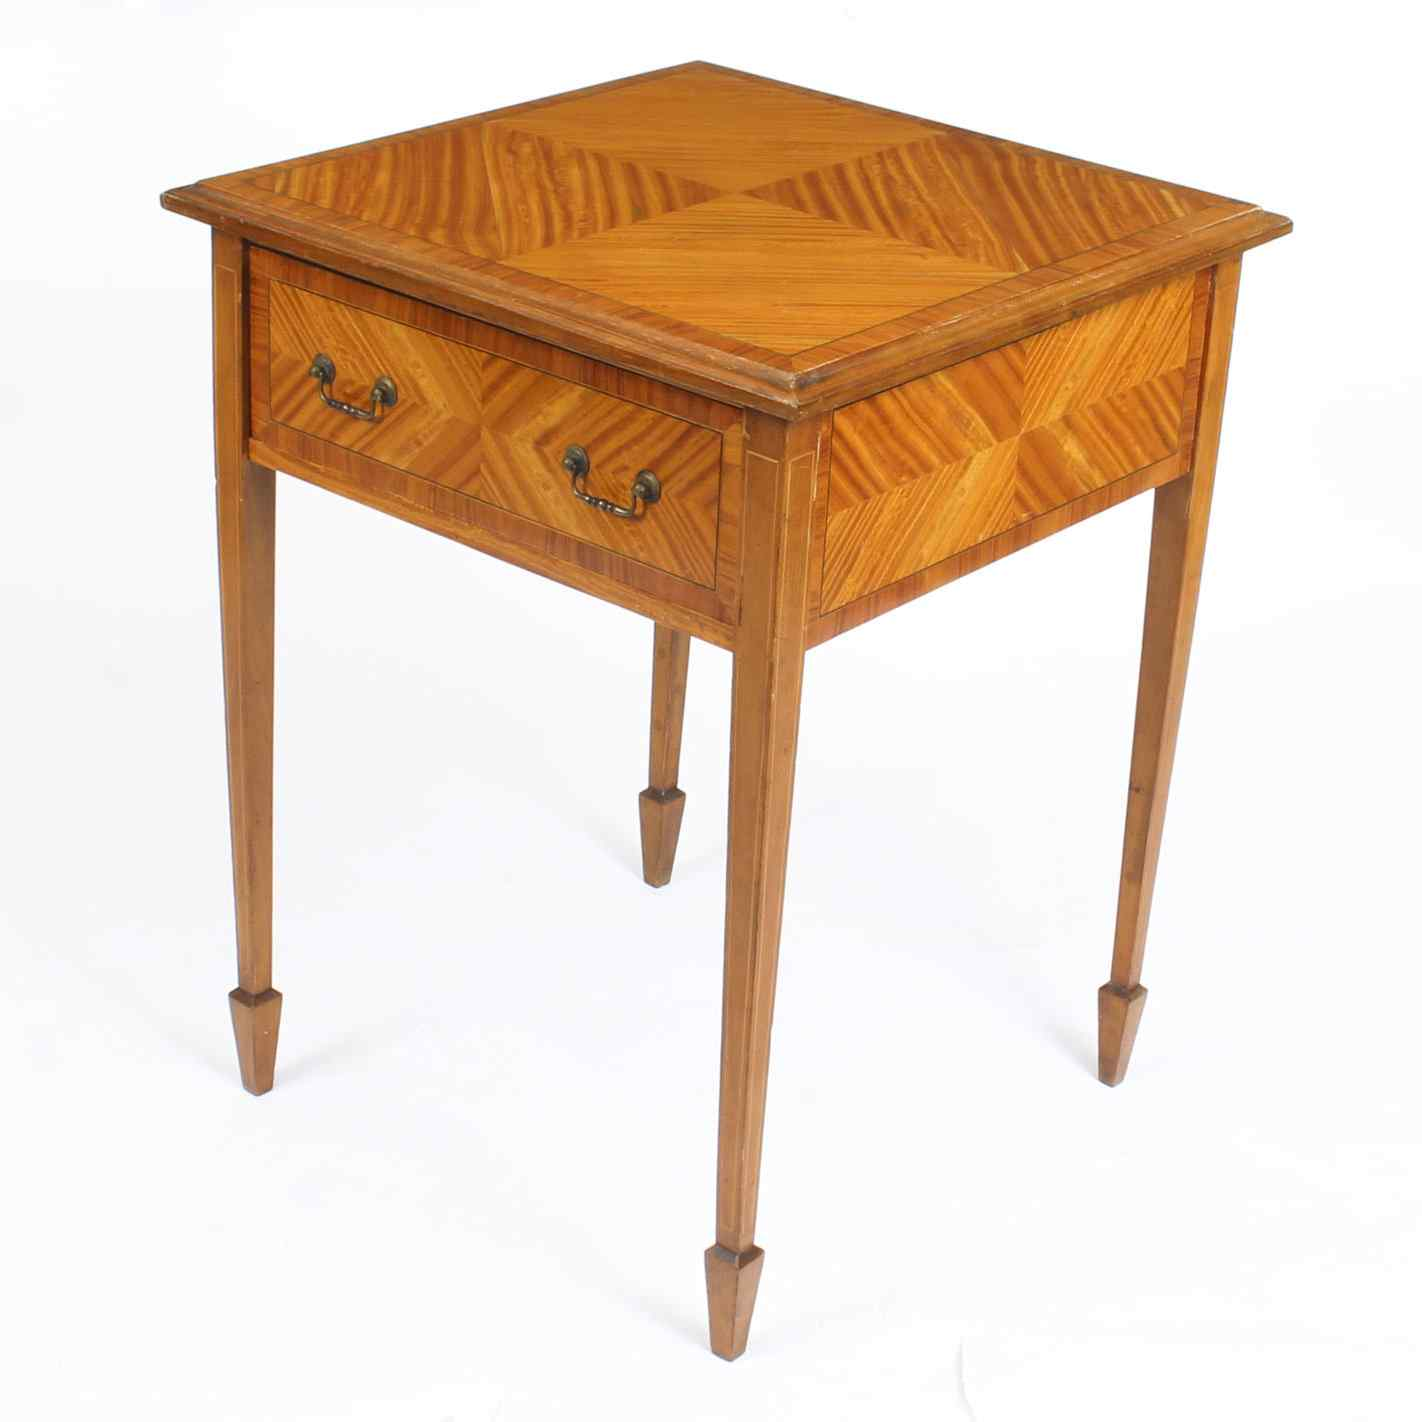 Tavolino antico vittoriano in legno satinato del XIX secolo